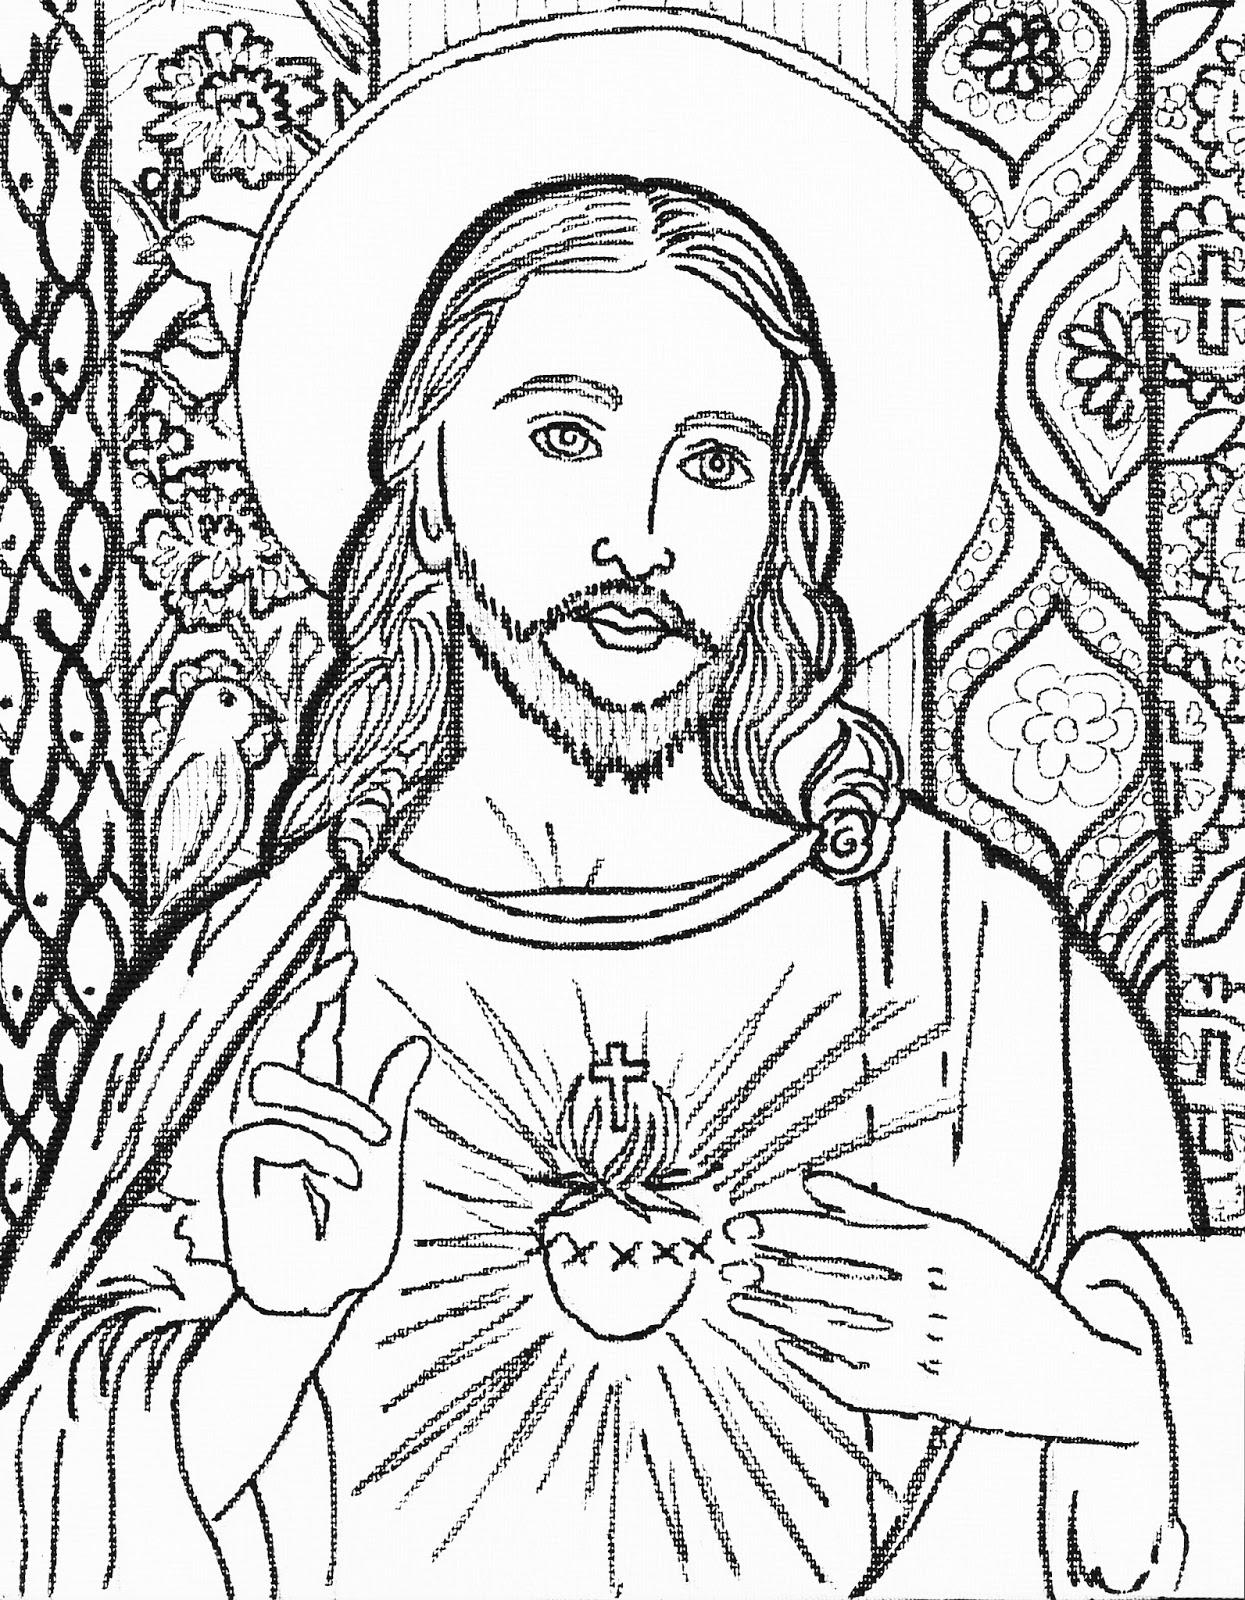 jesus coloring page free printable jesus coloring pages for kids cool2bkids jesus coloring page